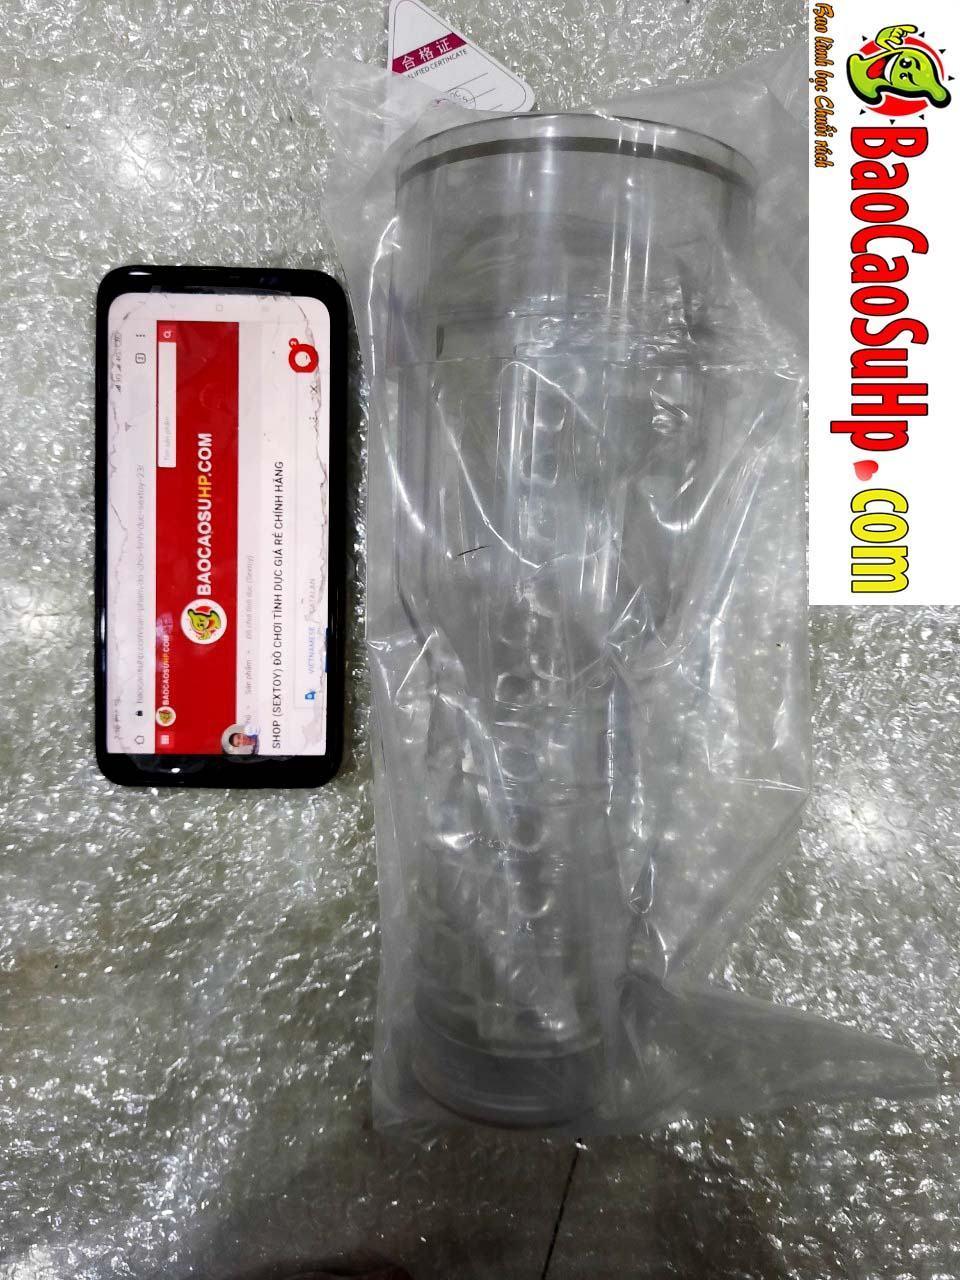 20200311100932 9396472 coc am dao cam tay fleslight usa crystal - Đồ chơi người lớn thương hiệu Anh Mỹ hàng về 11.03.2020